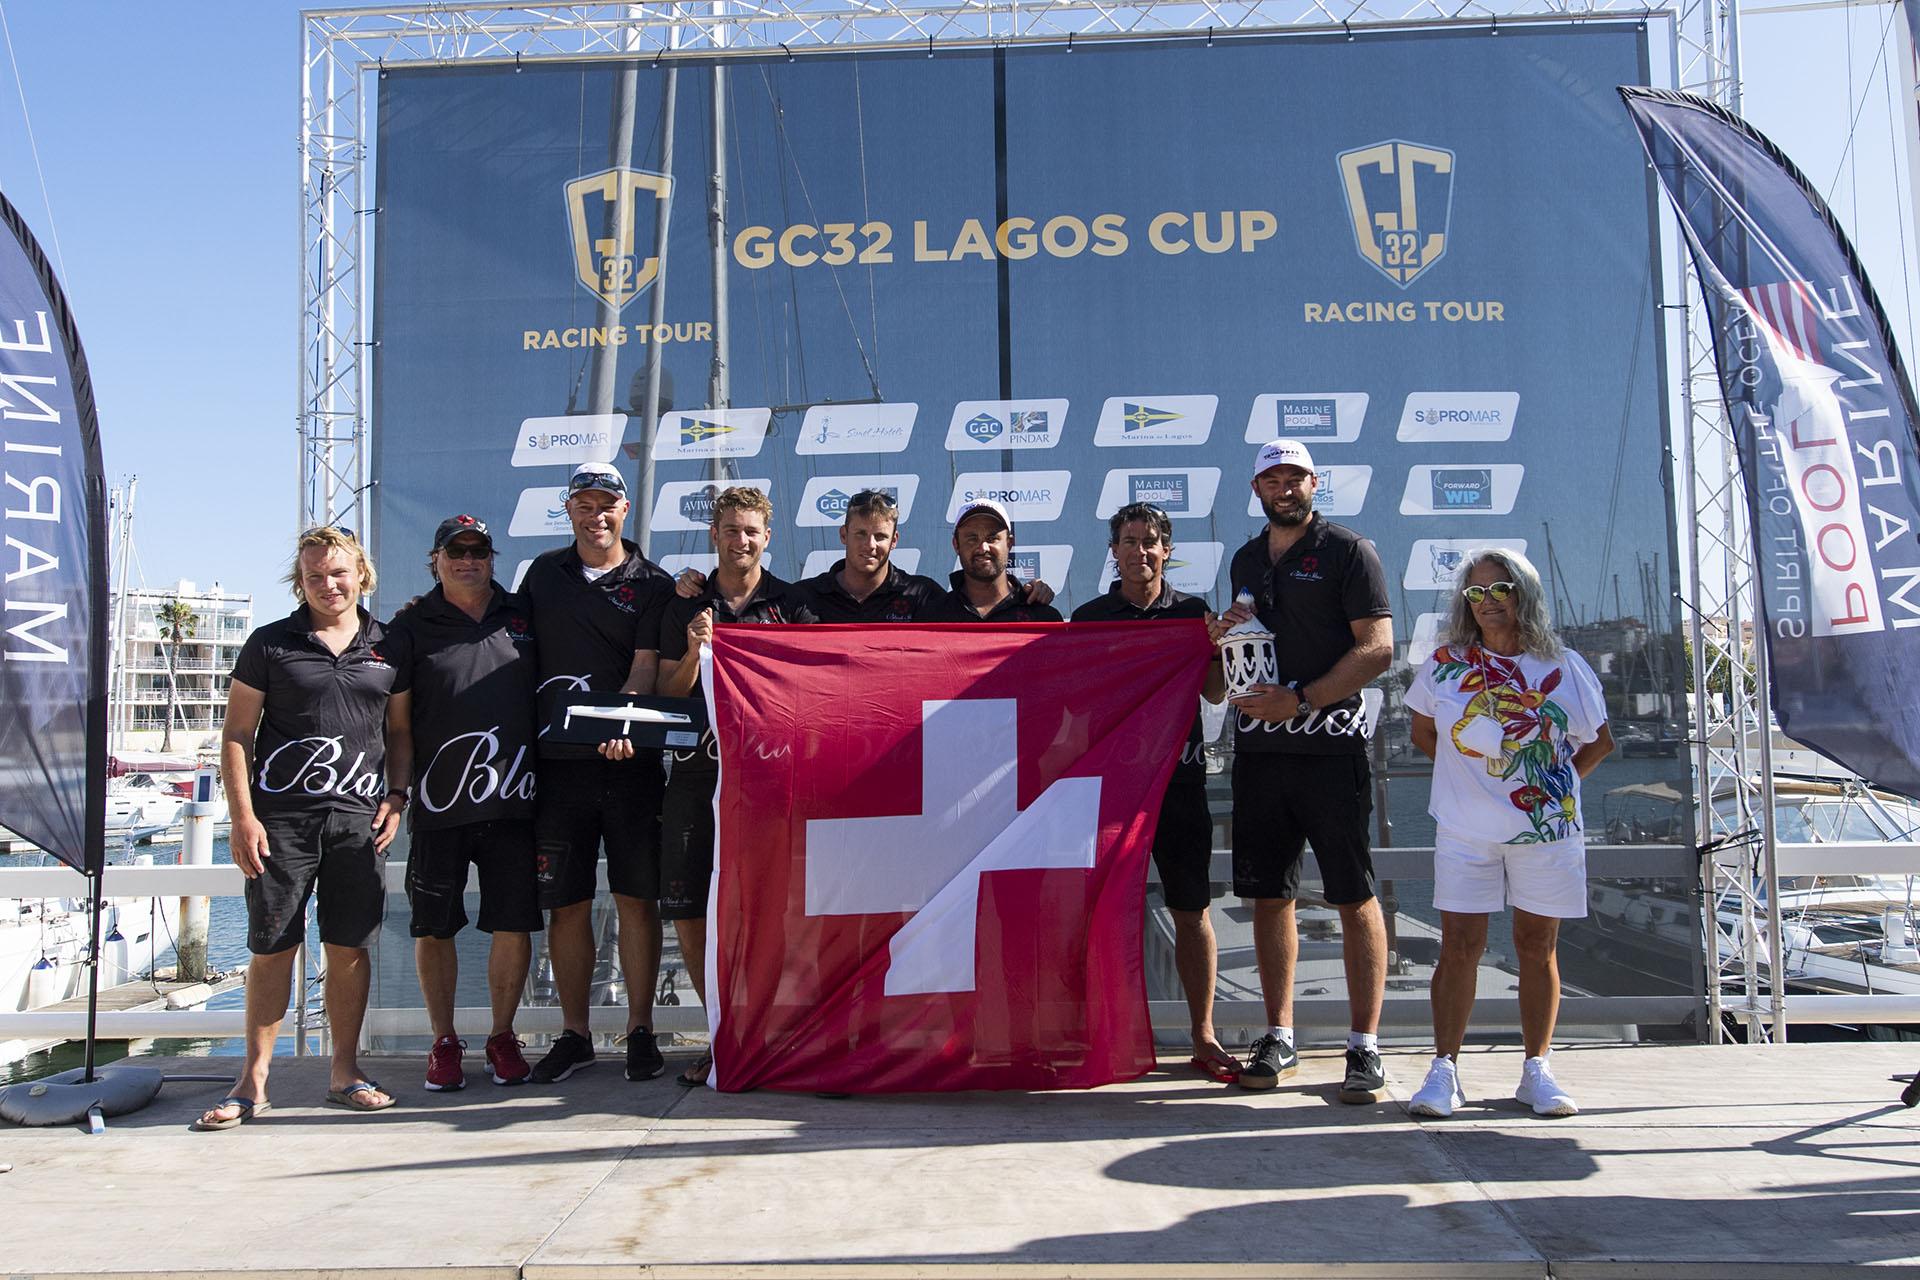 GC32 Racing Tour 2021